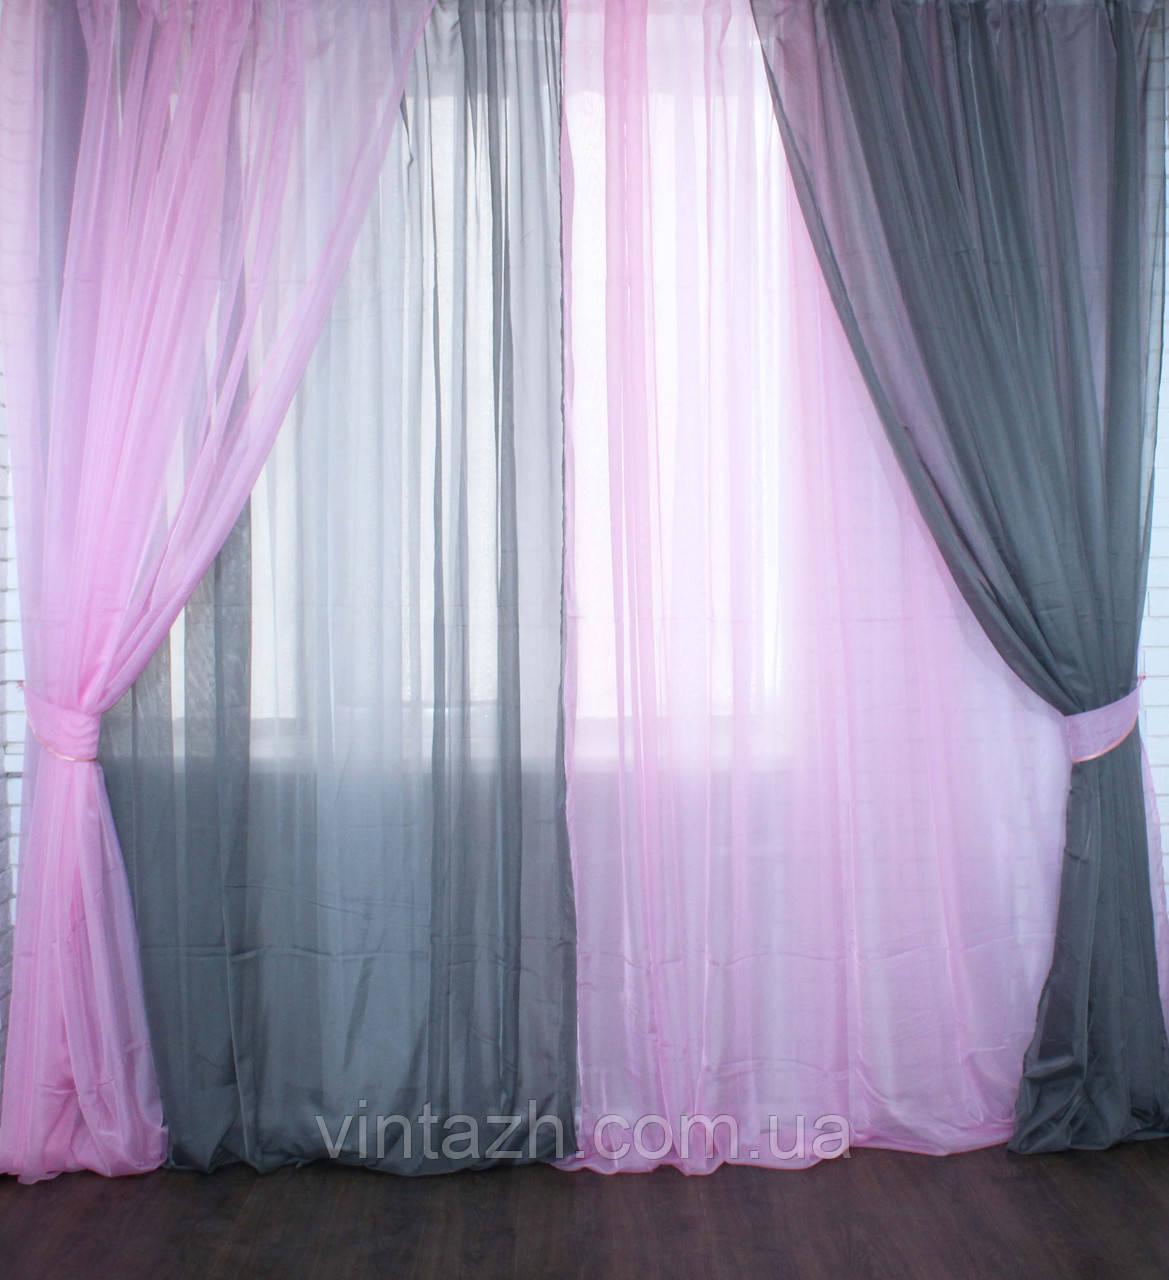 Готовые легкие штор красивые в  интернет магазин